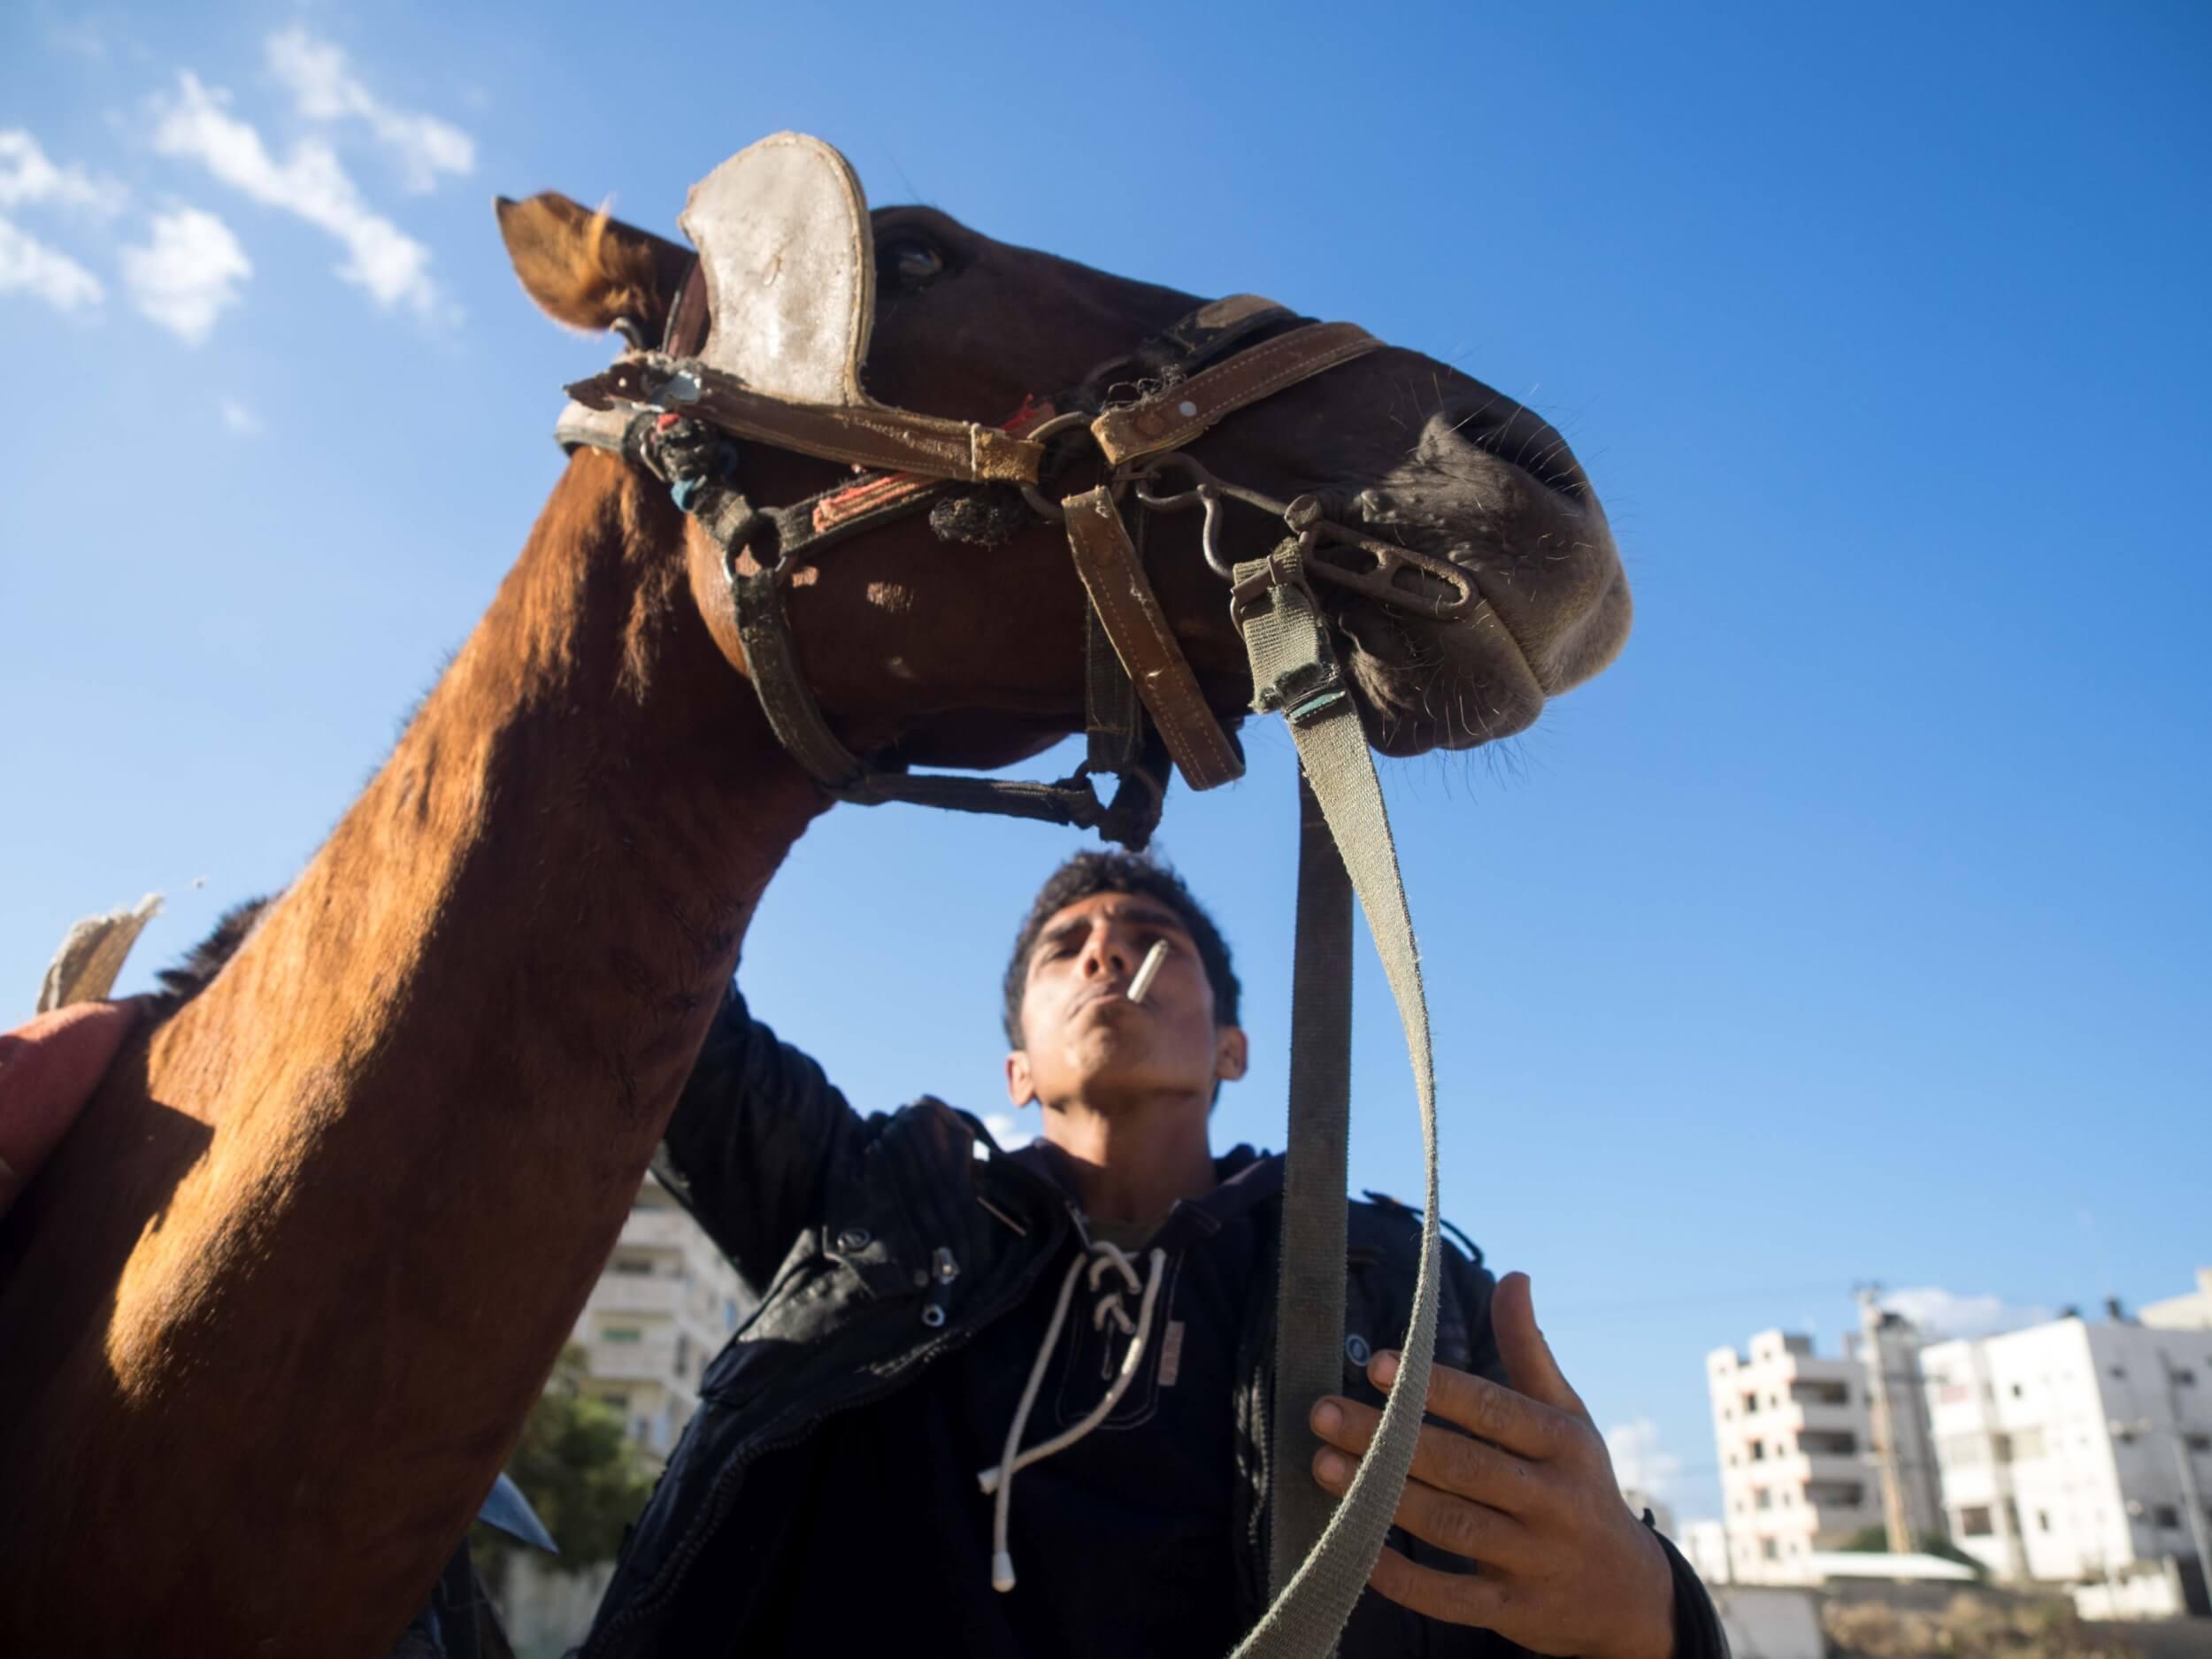 Yusef Abu Kader, 18, prepares his horse to cart the day's haul of rebar. (Photo: Dan Cohen)